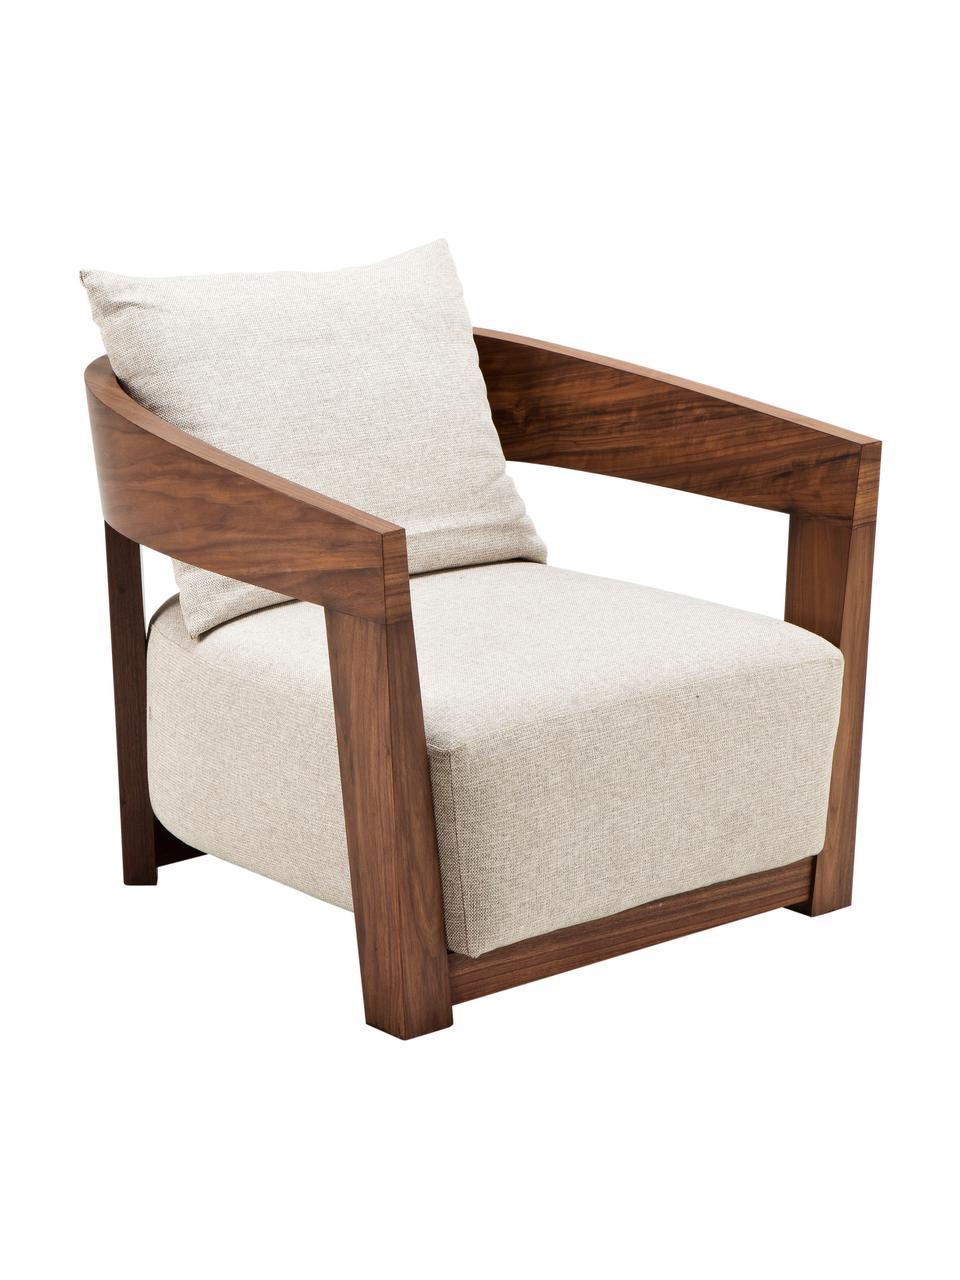 Poltrona con braccioli in legno Rubautelli, Rivestimento: 58% poliestere, 42% olefi, Struttura: pannelli di fibre a media, Tessuto beige, Larg. 74 x Prof. 80 cm